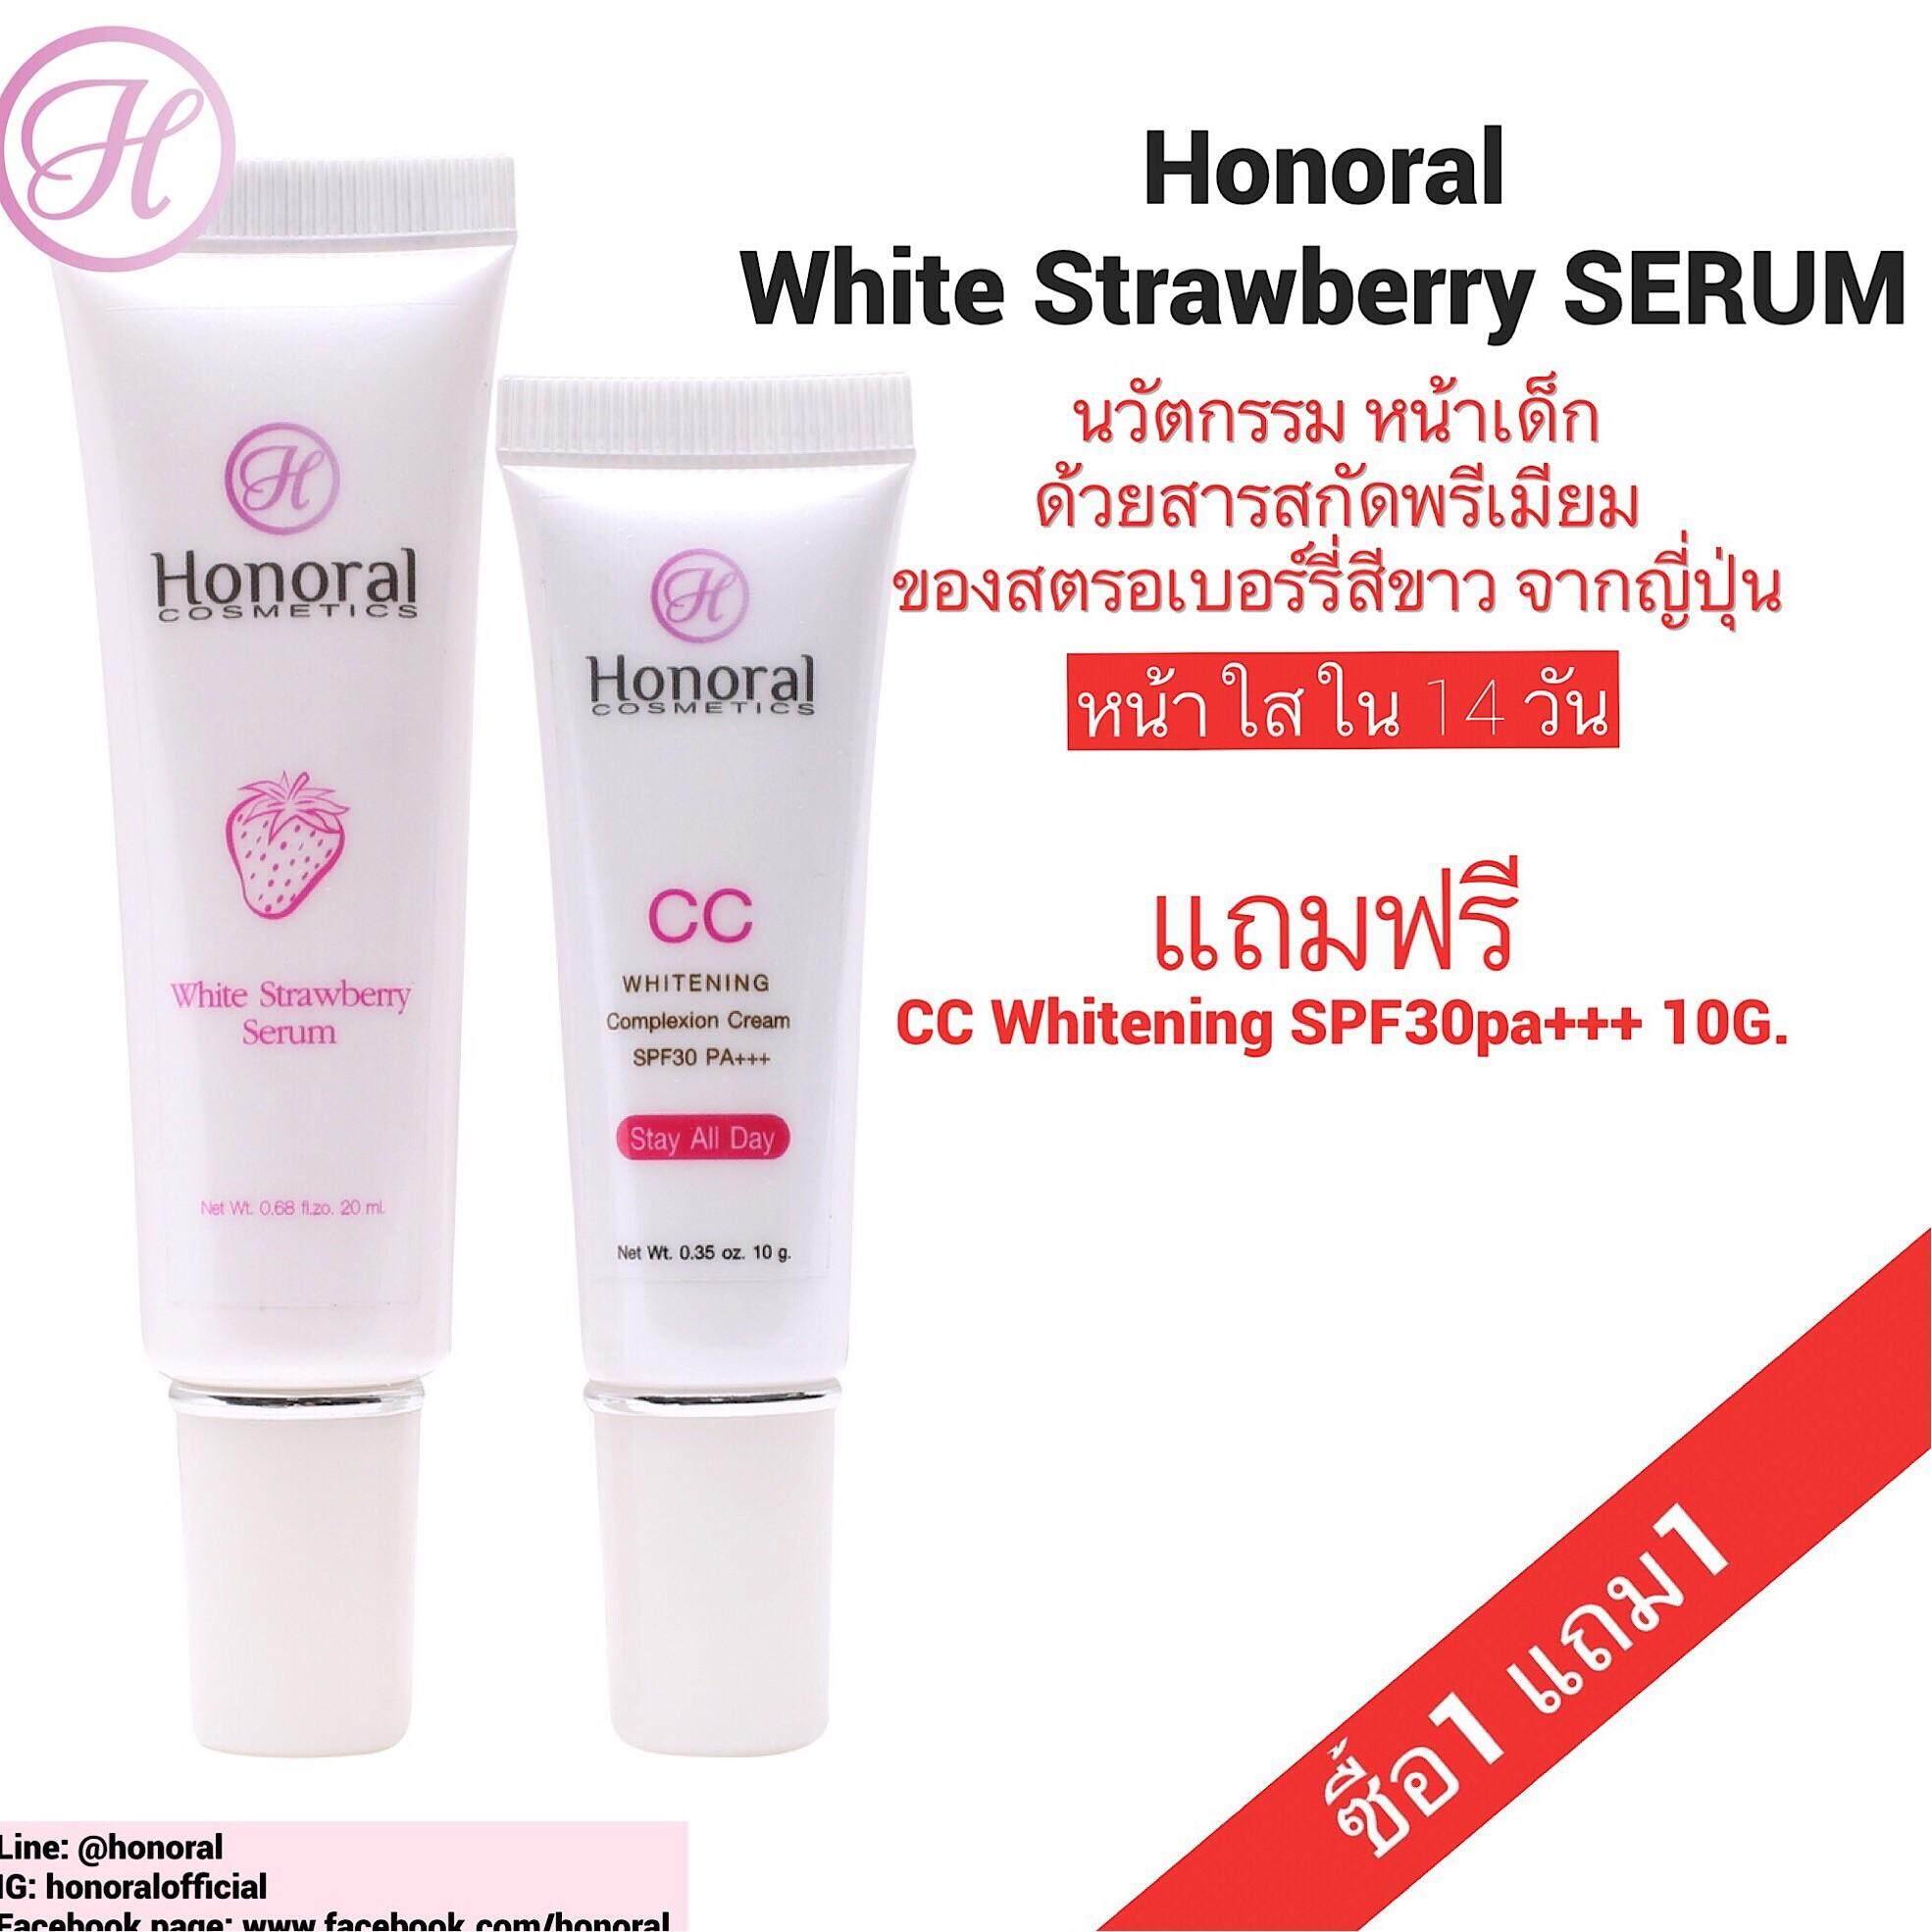 ส่วนลด Honoral White Strawberry Serum ไวท์สตรอเบอร์รี่ ซีรั่ม แถมฟรี ซีซี ไวท์เทนนิ่ง คอมเพล็กซ์ชั่น ครีม 10G Honoral กรุงเทพมหานคร